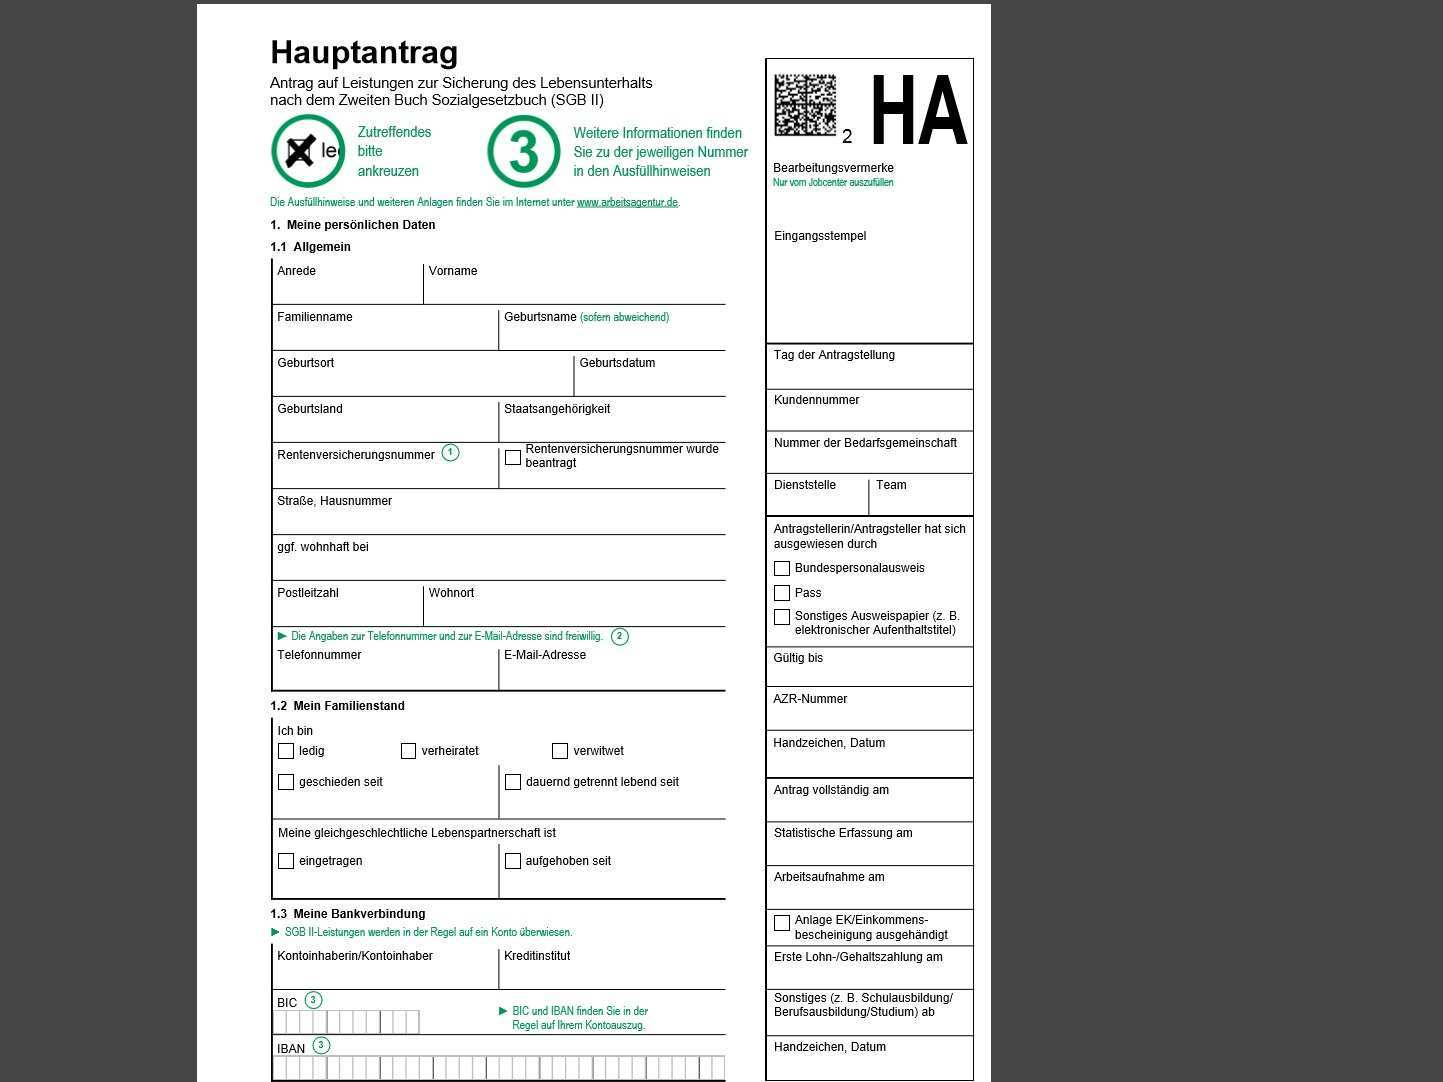 Hartz Iv Antrag Arbeitslosengeld Ii Vorlage Pdf Download Chip